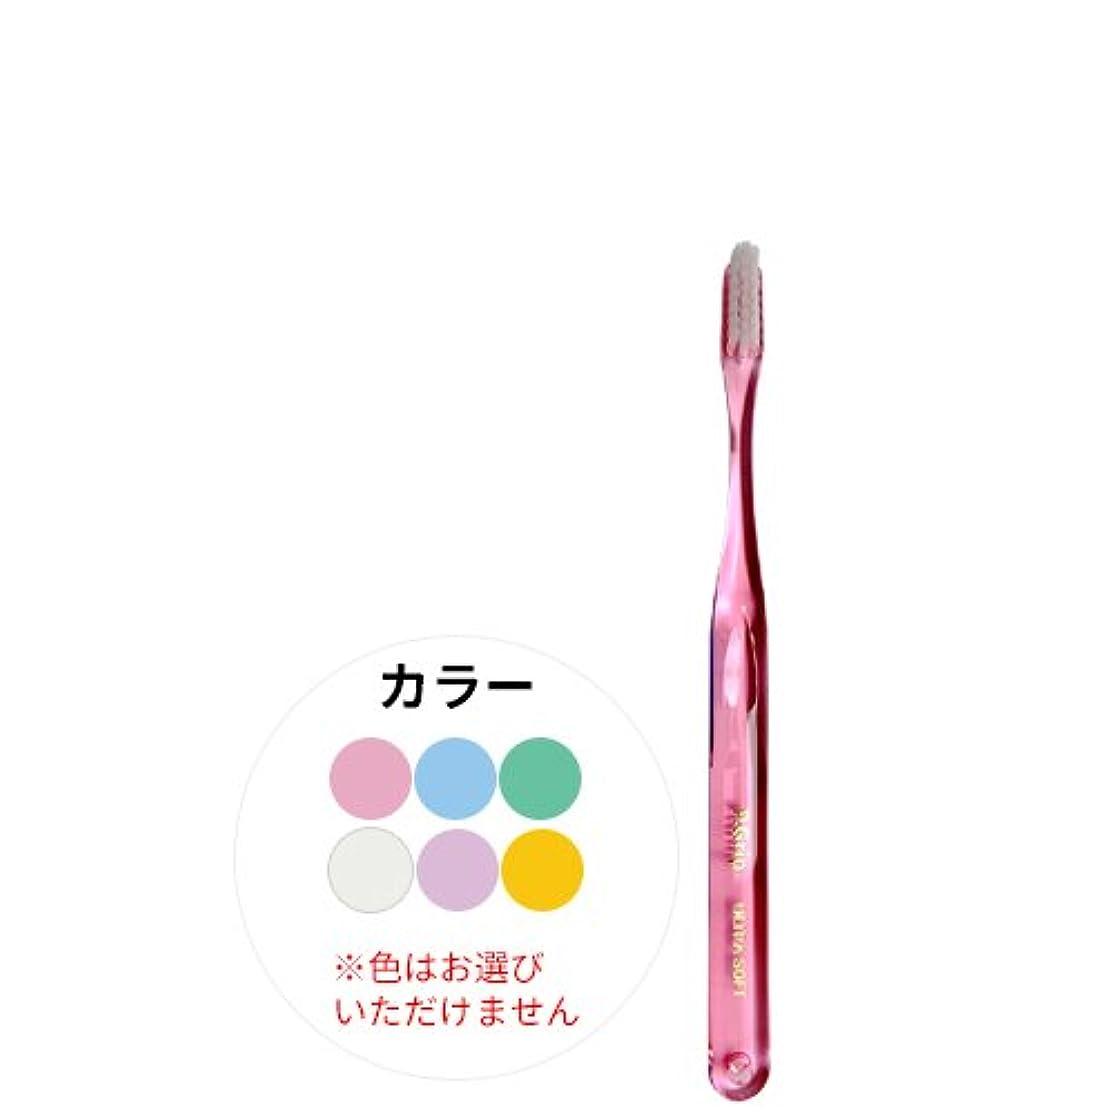 抵抗力がある機械的に繰り返すP.D.R.(ピーディーアール) P.Grip(ピーグリップ)ウルトラソフト 歯ブラシ × 1本